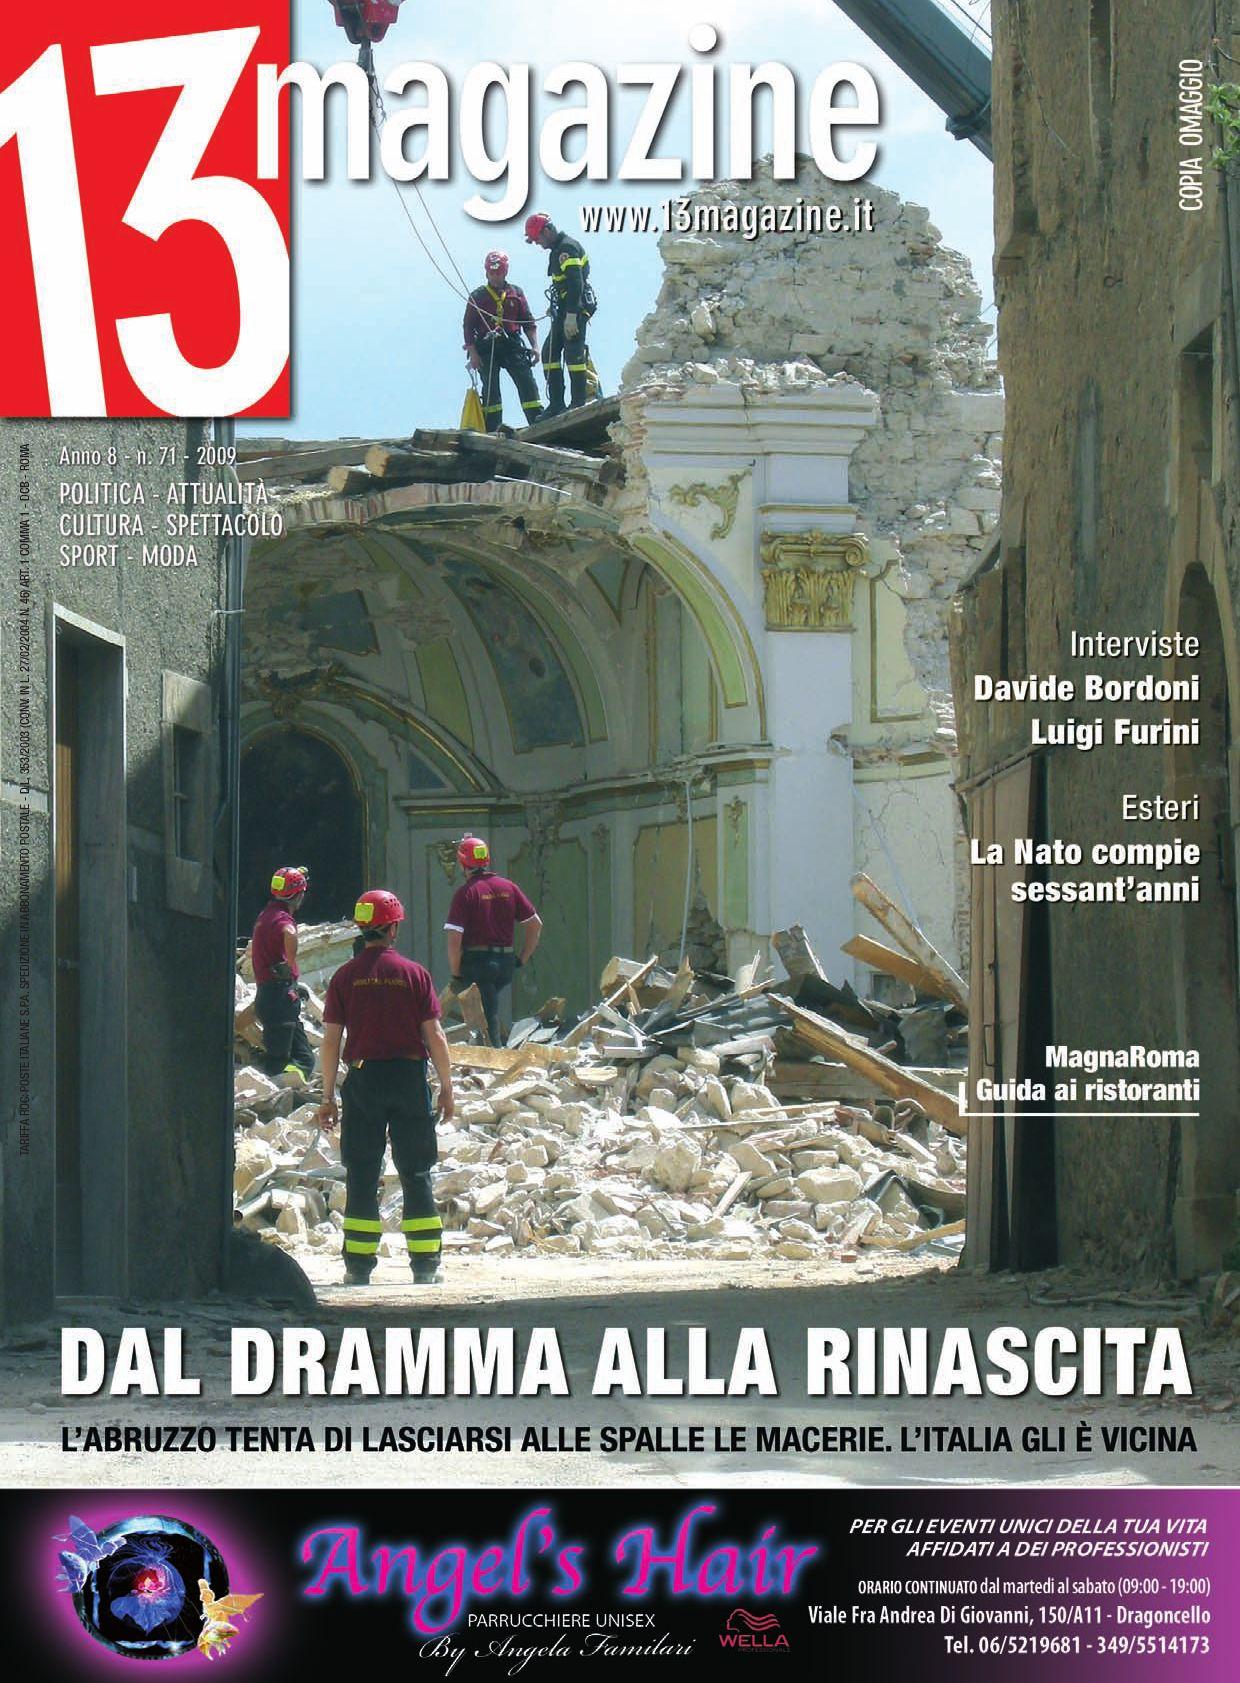 13 Magazine Aprile 2009 by Visioni Grafiche srl - issuu 37594a95d1e